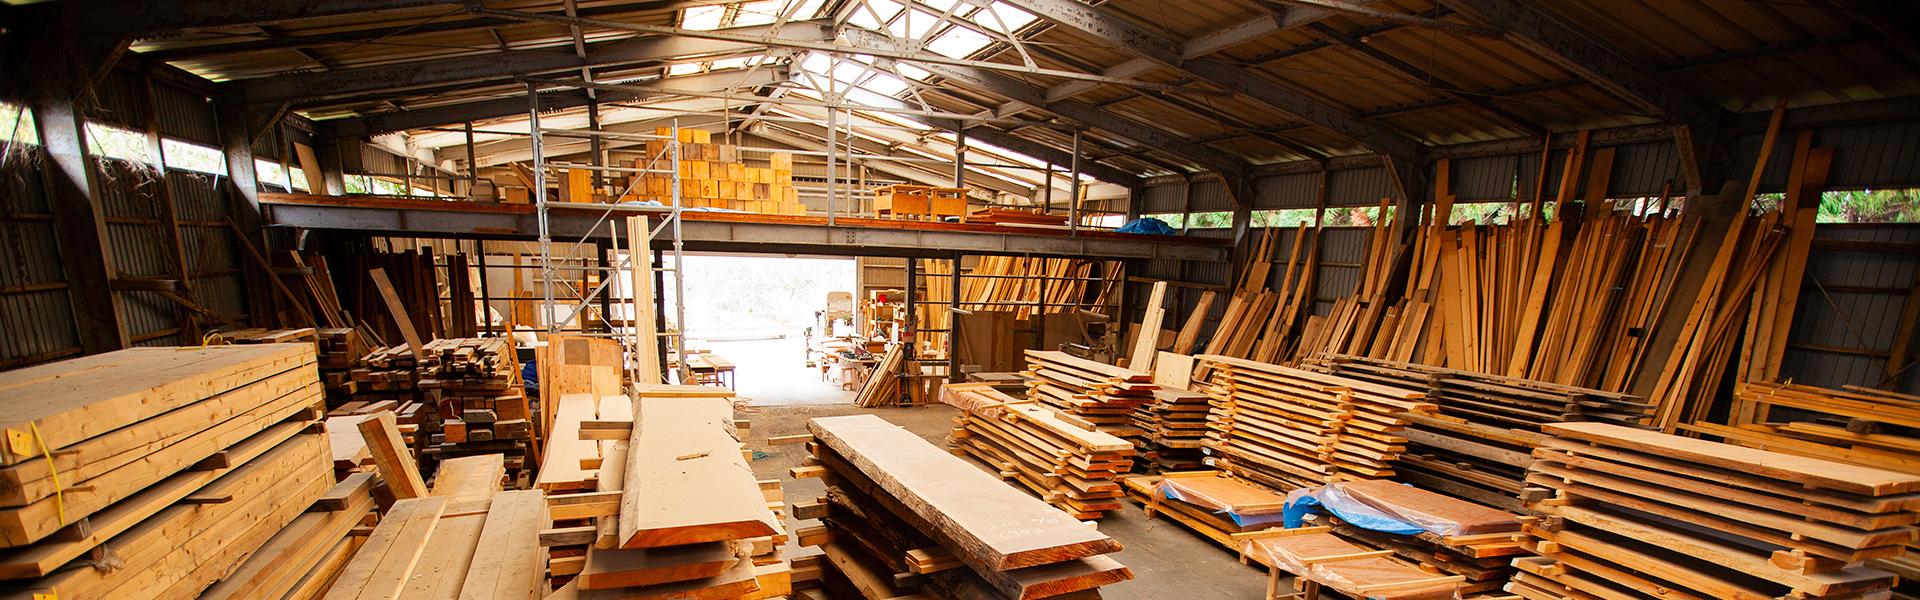 天然木工房・城陽工房|数多くの天然木一枚板を保管・加工しています